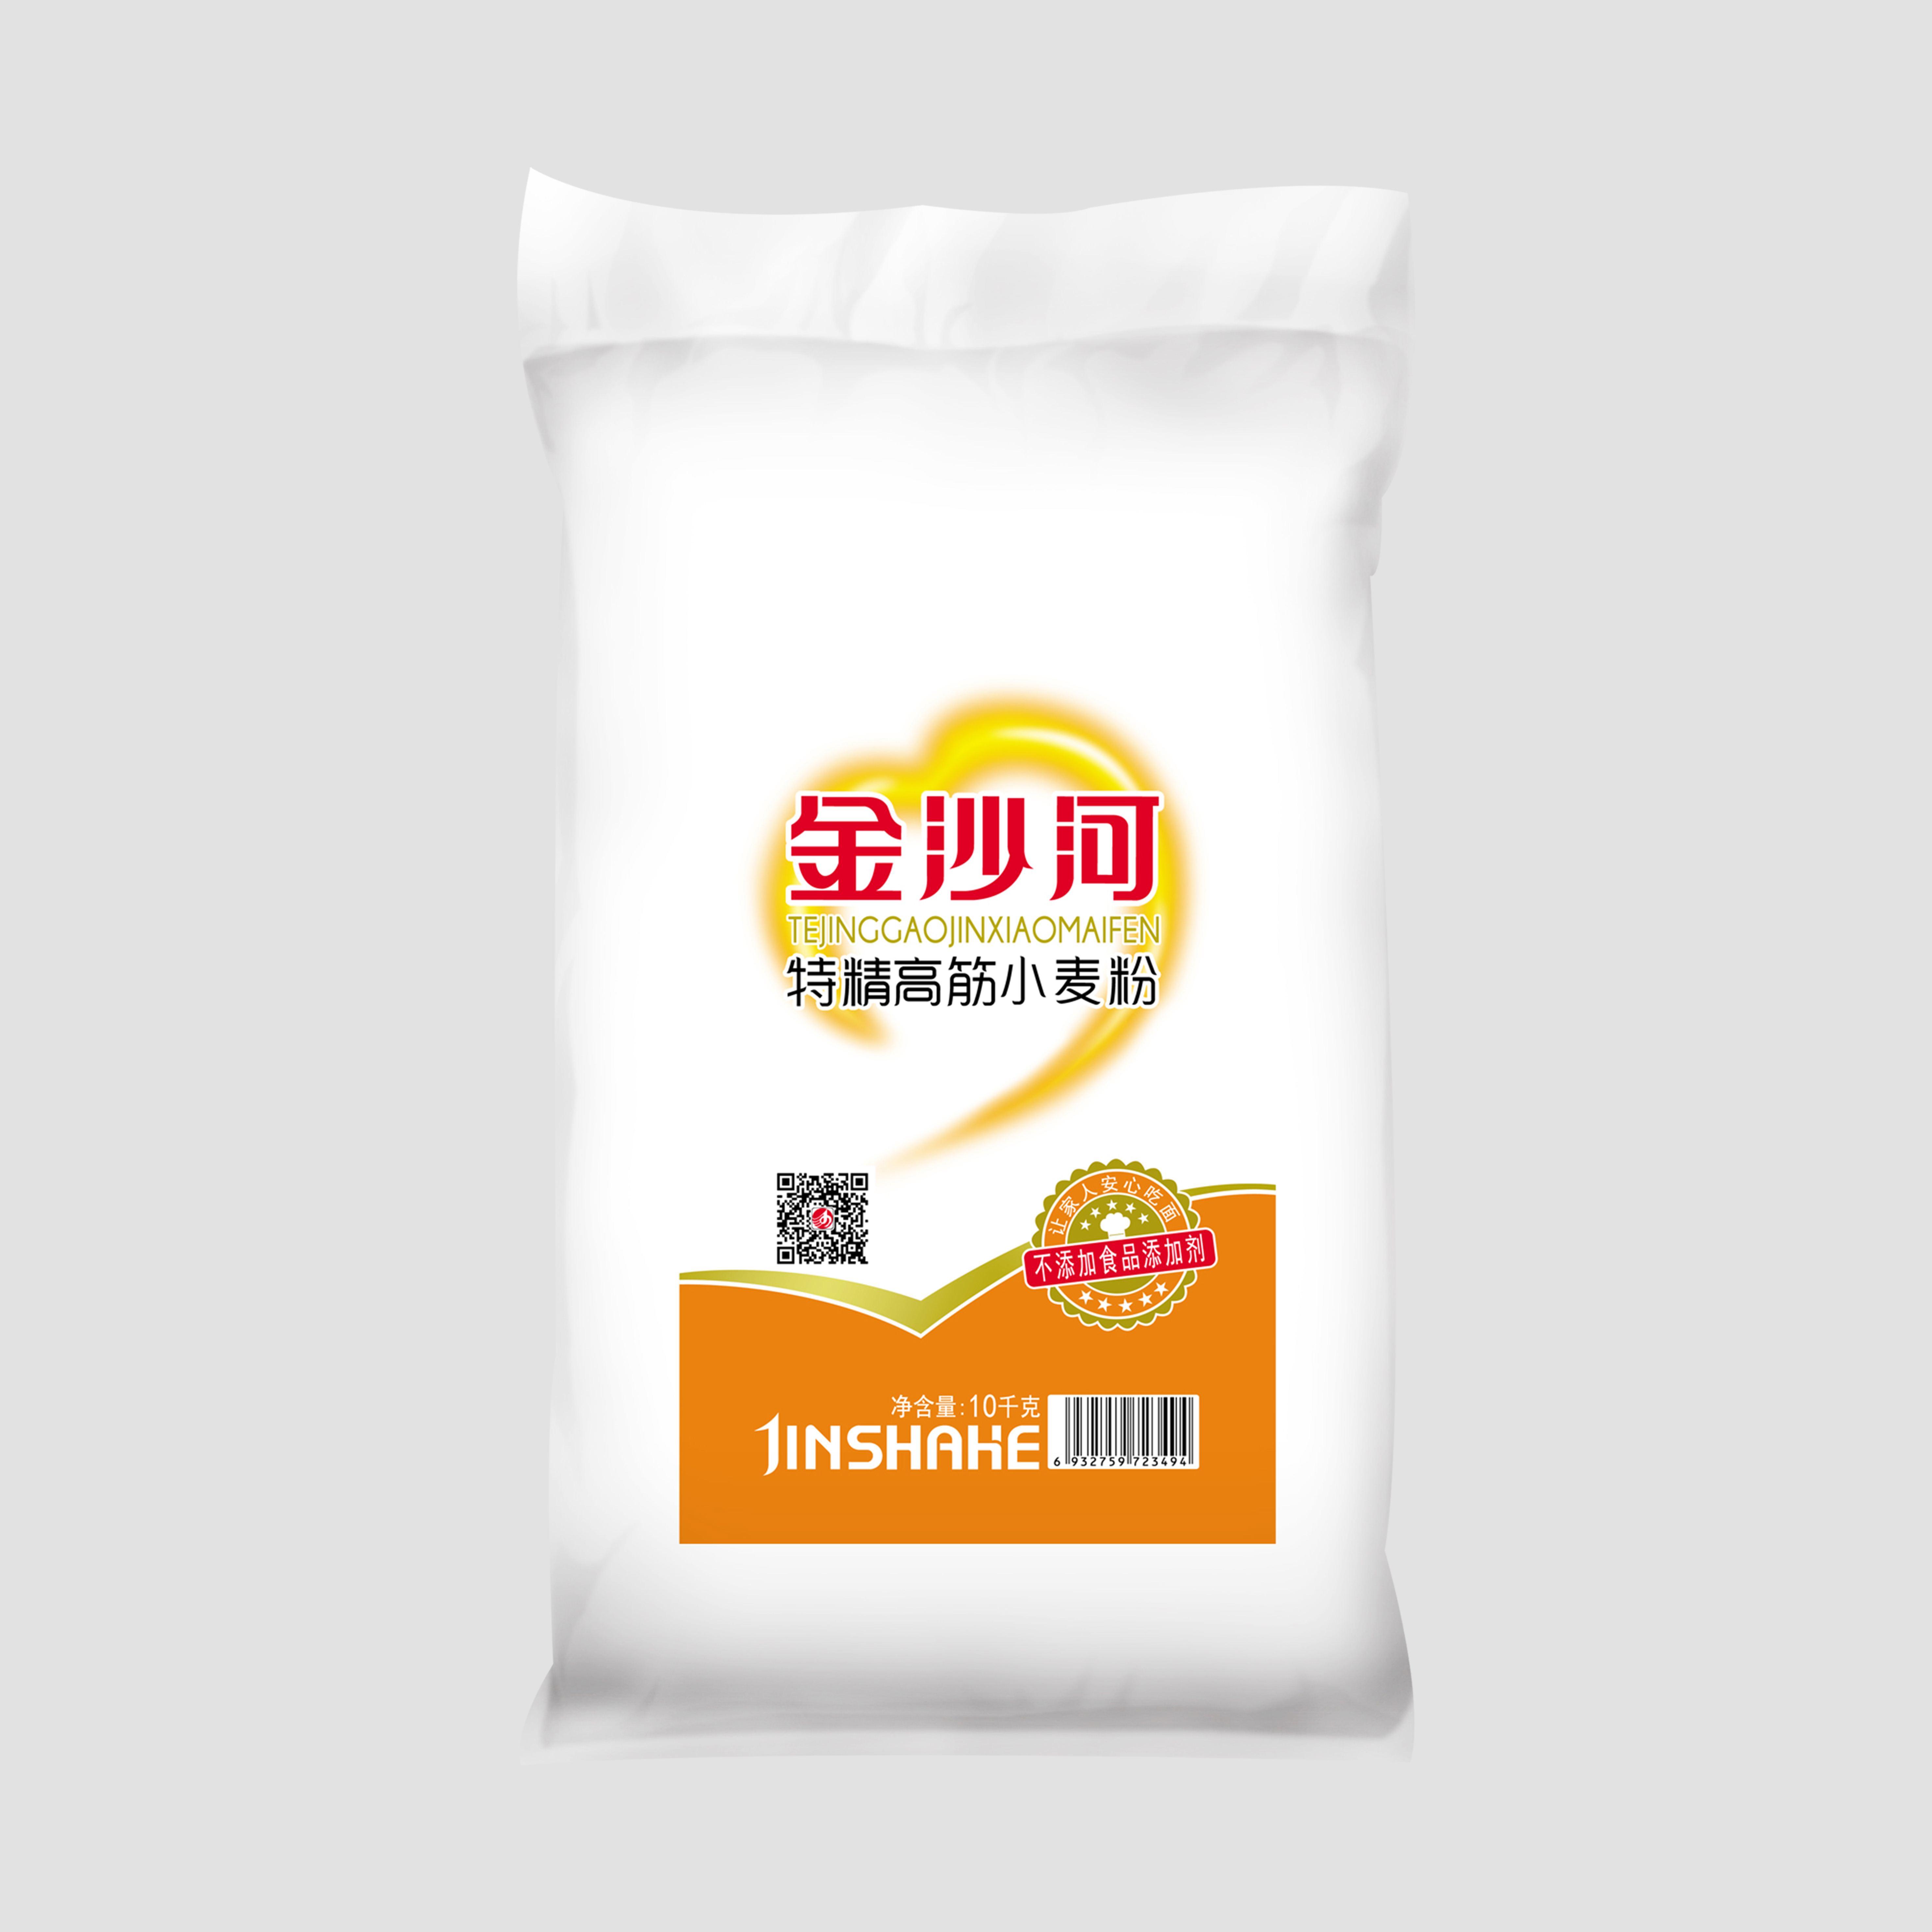 特精高筋小麦粉 (4)